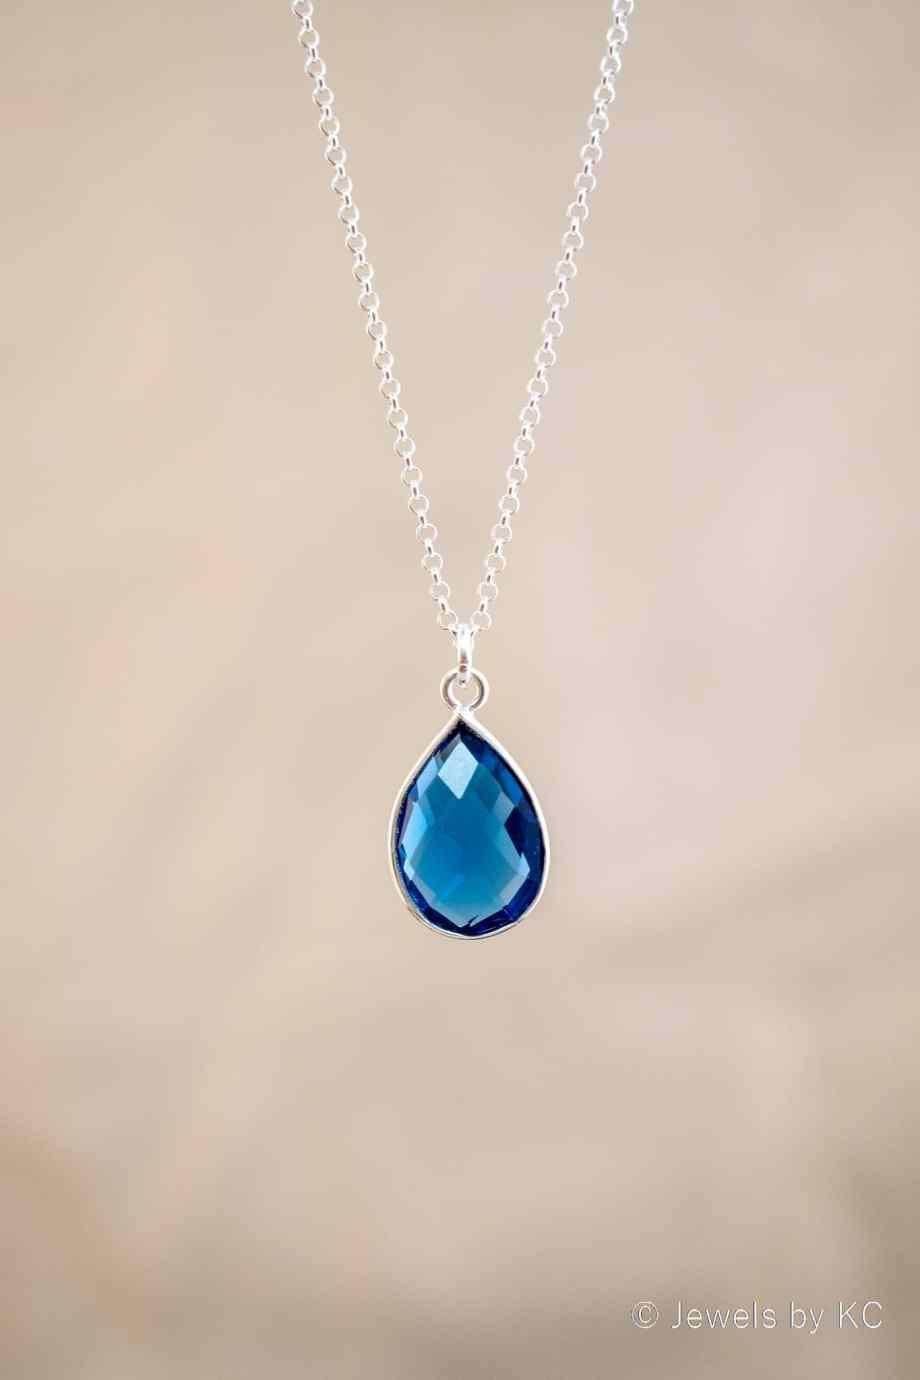 Edelsteen ketting met blauwe 'Ioliet' watersaffier edelsteen van Sterling Zilver